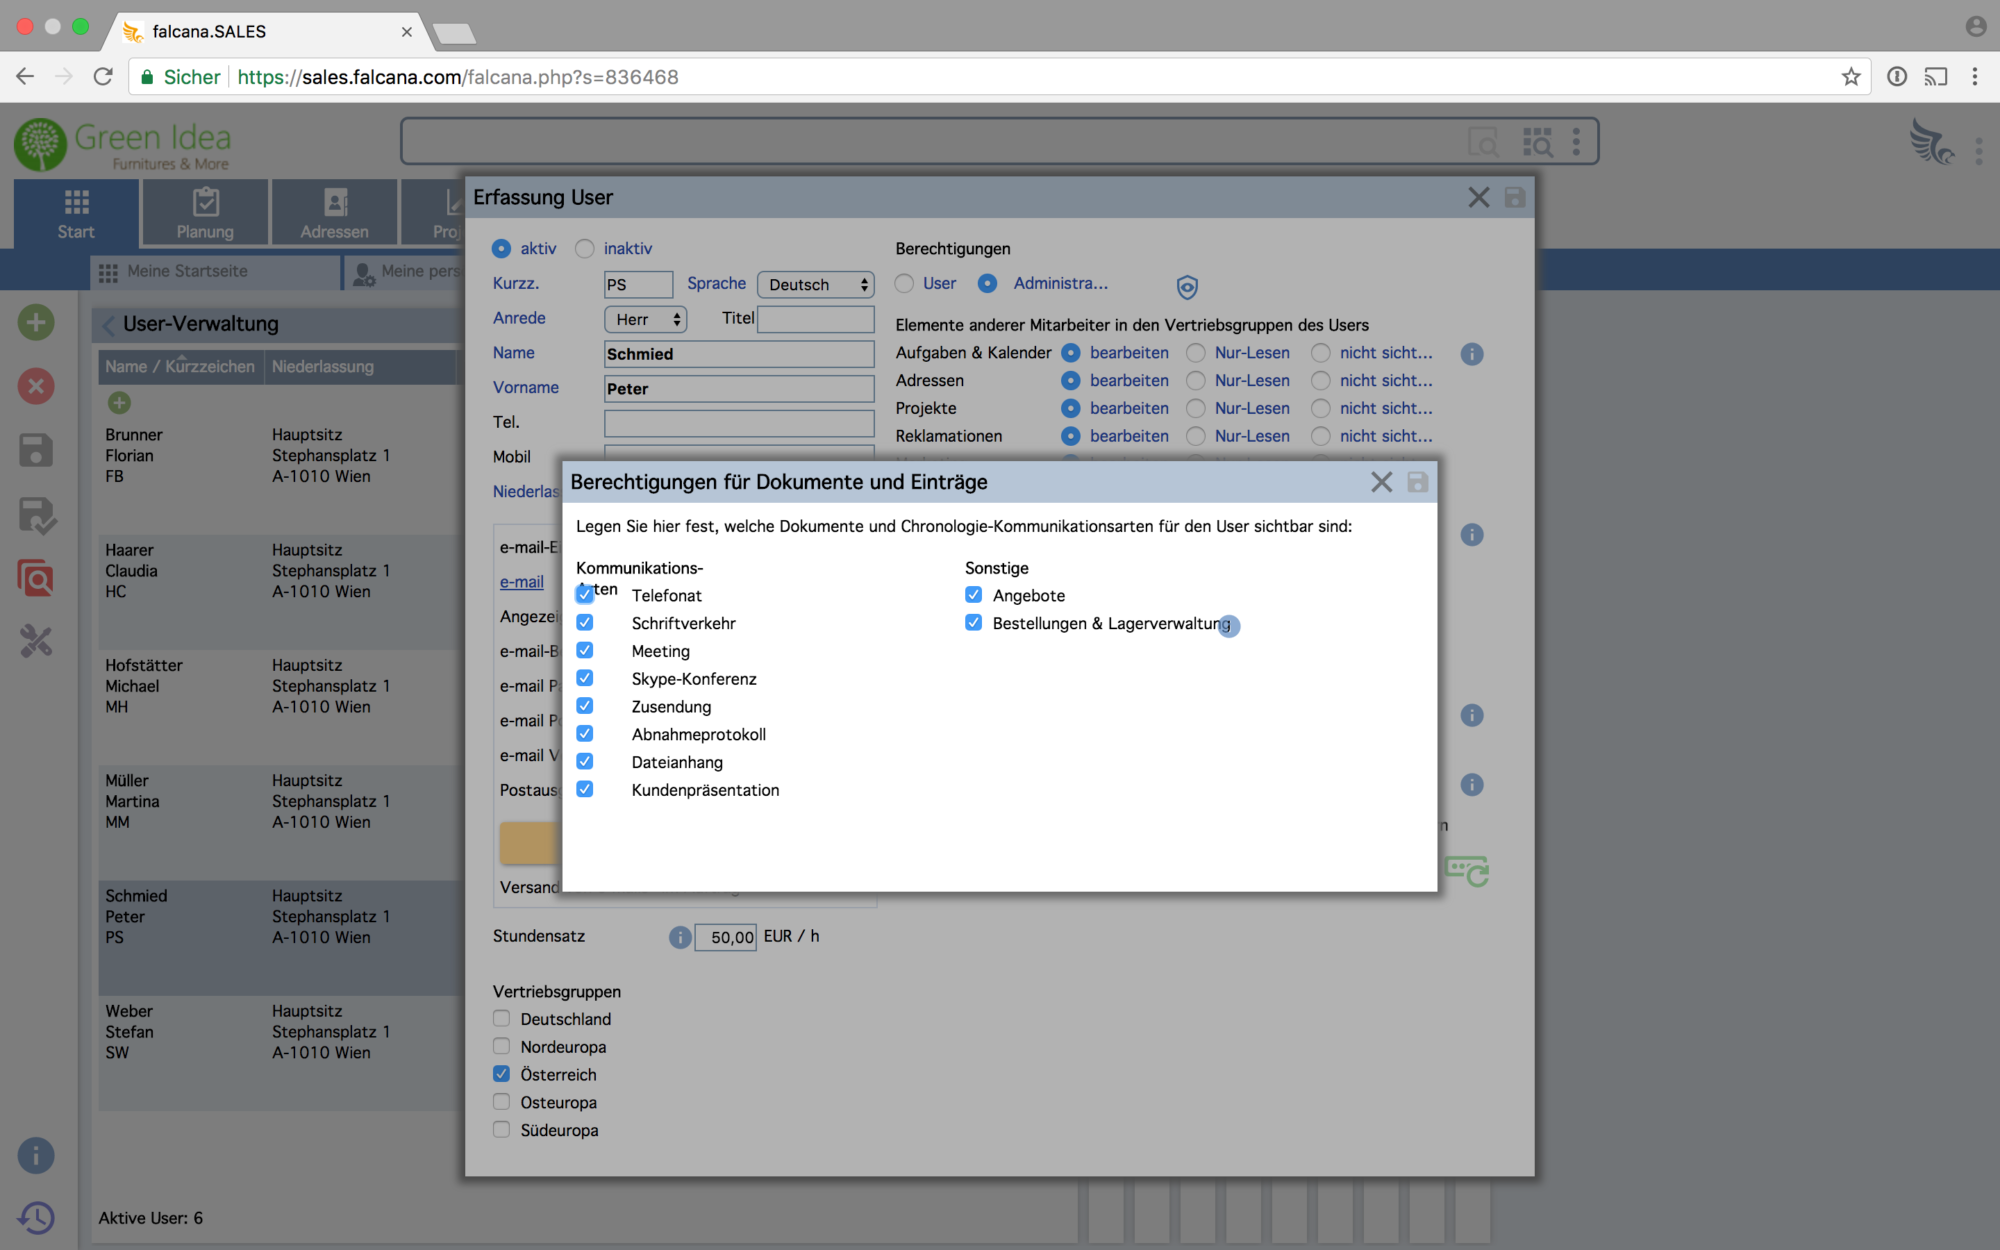 Software Für Crm Kontakte Kundenverwaltung Falcana Sales